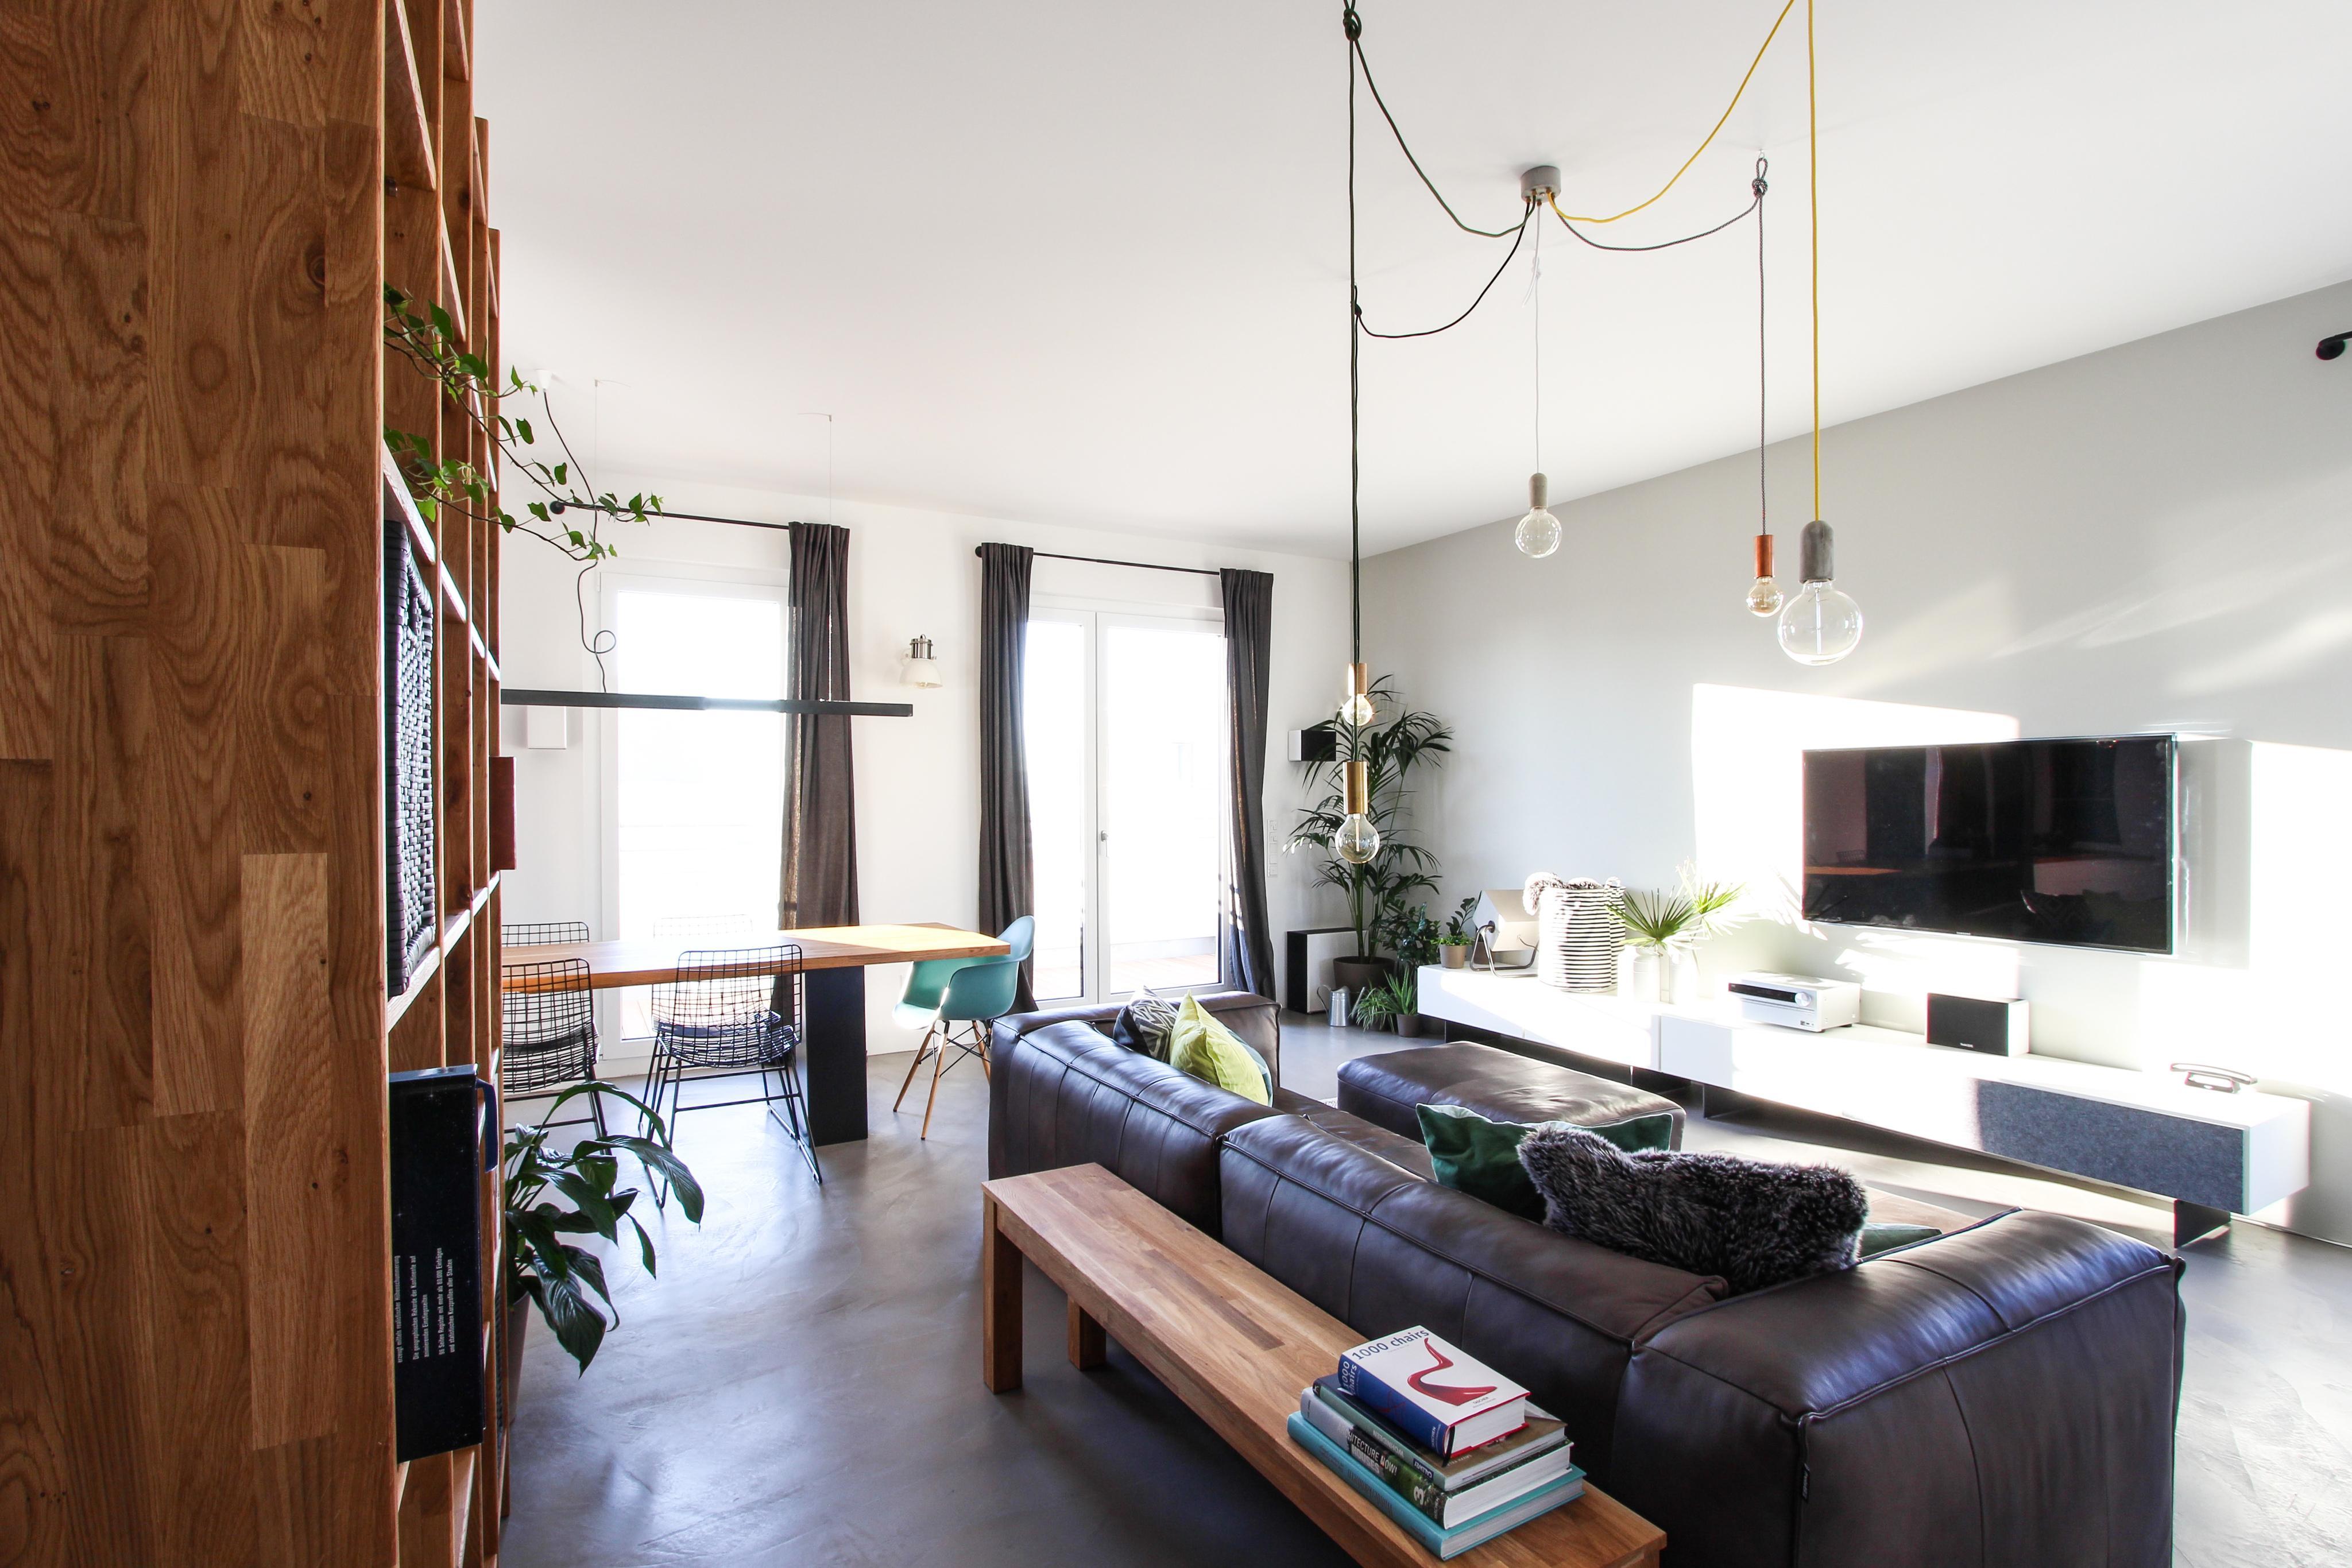 Stufe bilder ideen couchstyle for Wohnzimmer pendelleuchte